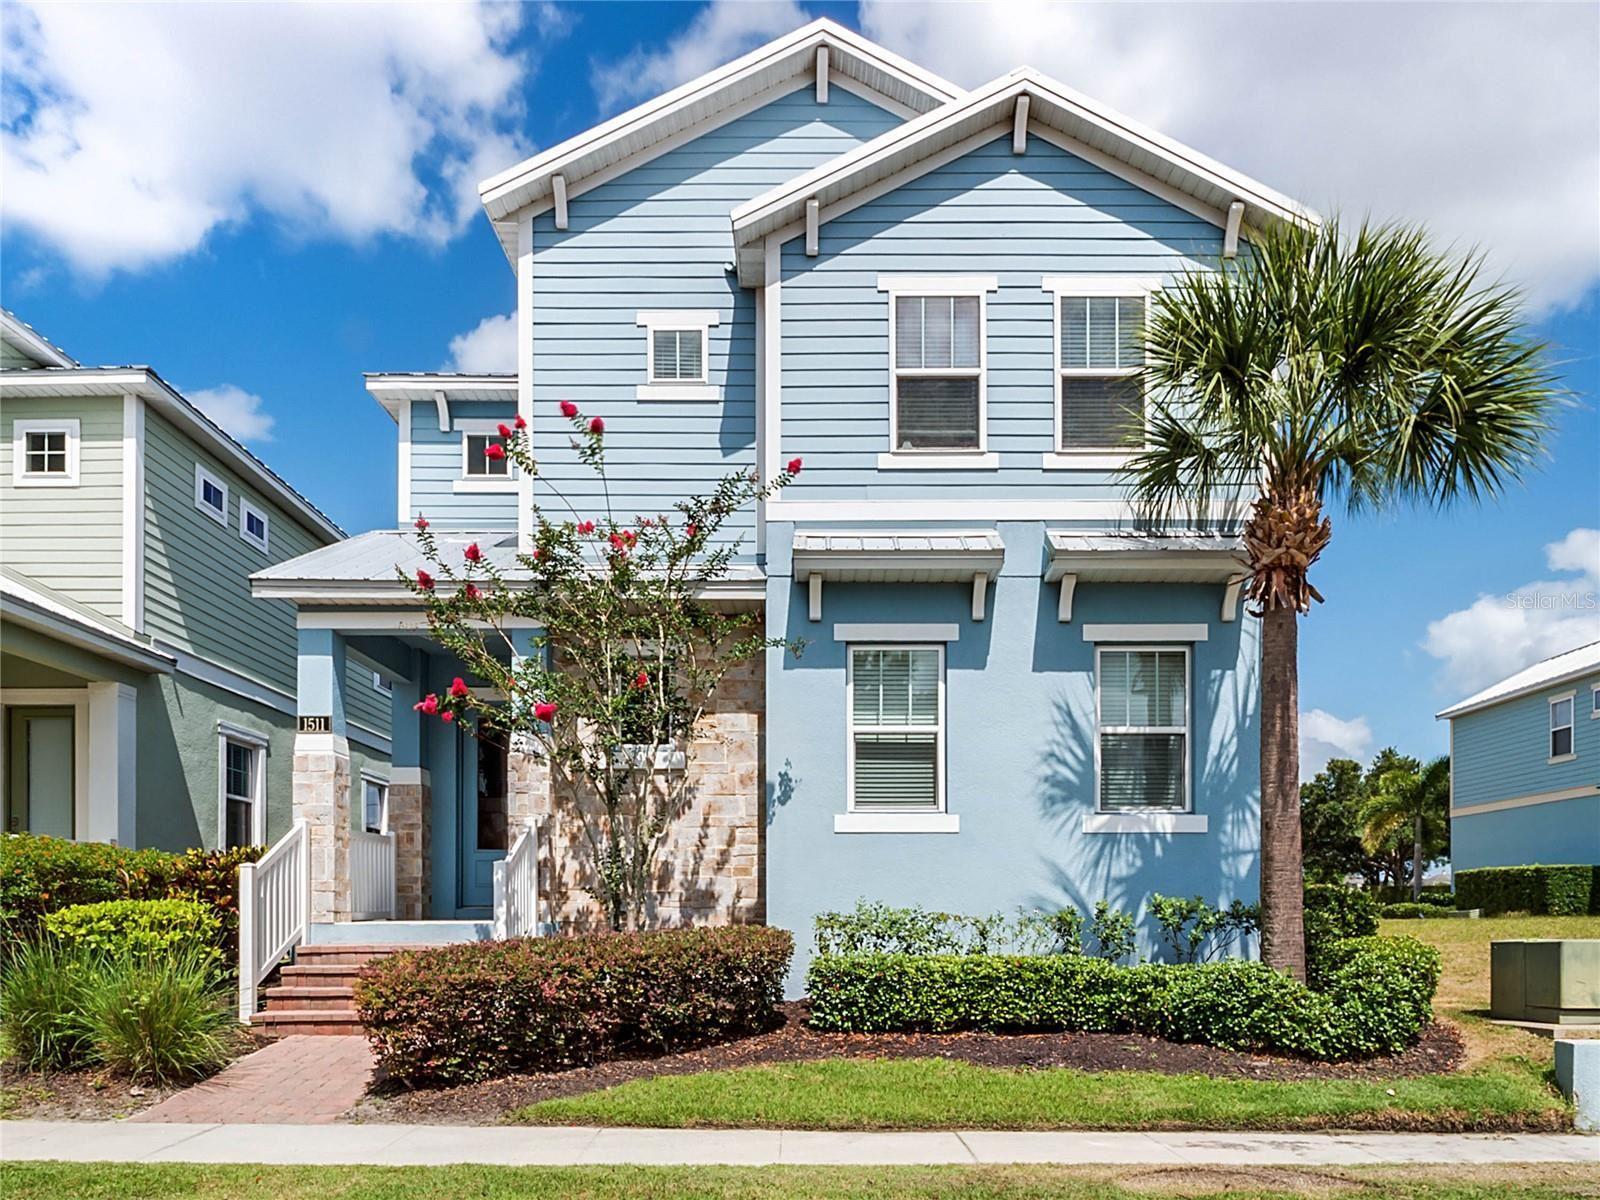 1511 FAIRVIEW CIRCLE, Kissimmee, FL 34747 - #: O5944514